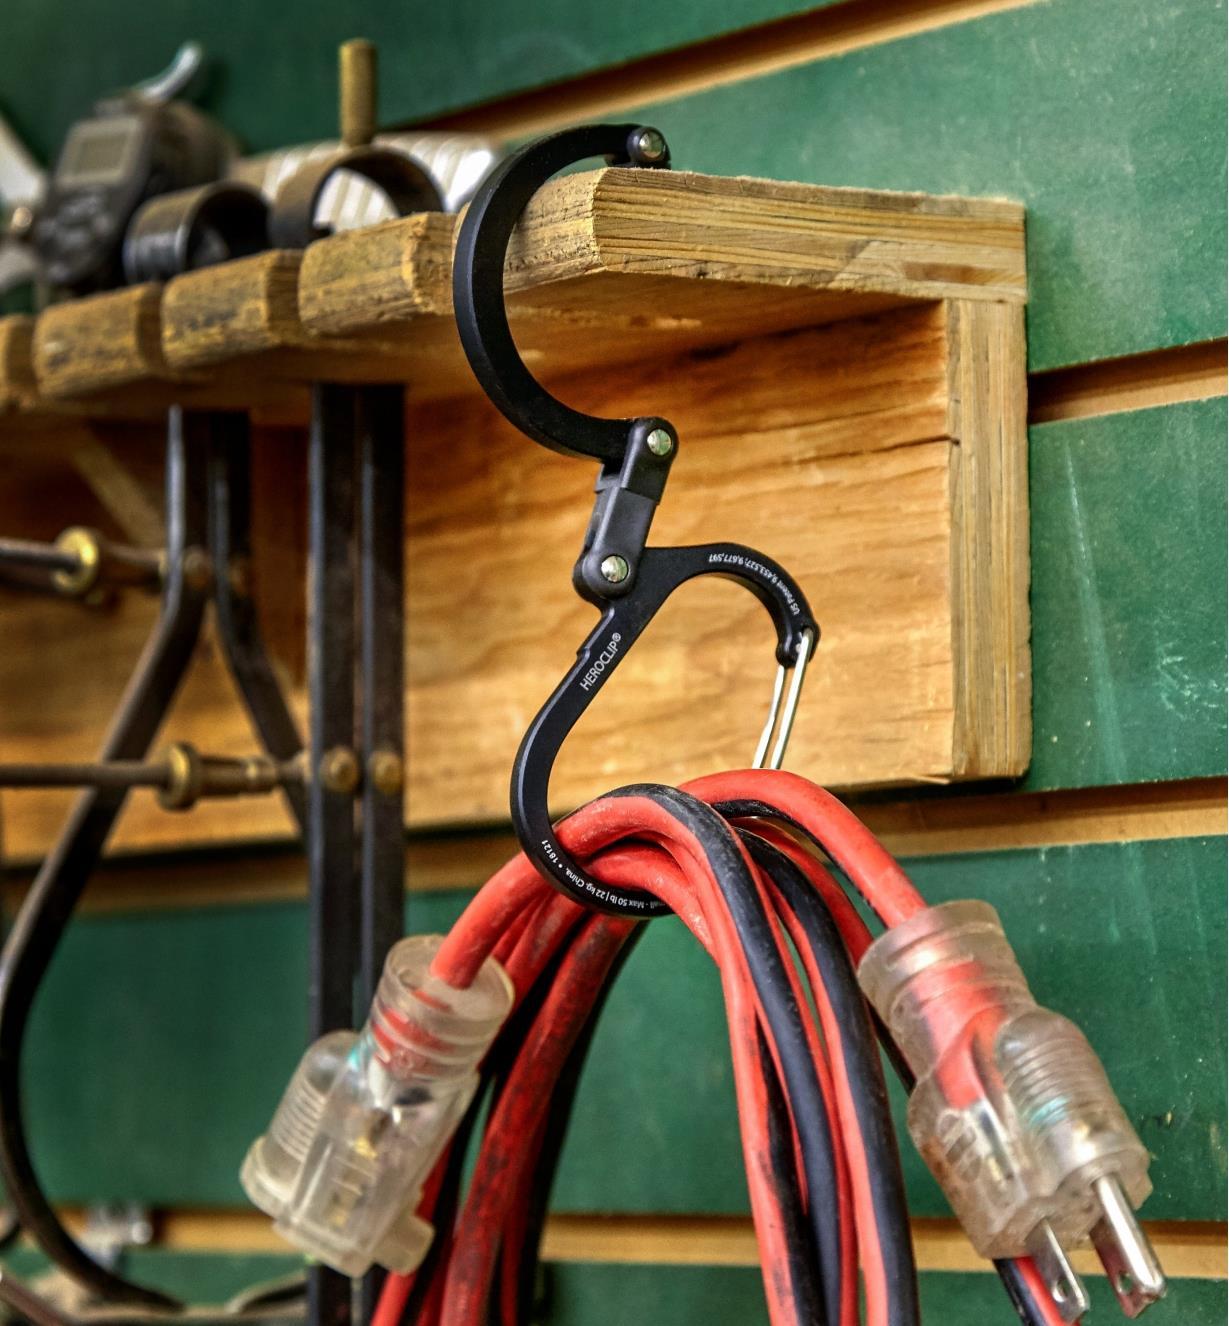 Mousqueton à crochet Heroclip servant à suspendre une rallonge enroulée à une tablette dans un atelier